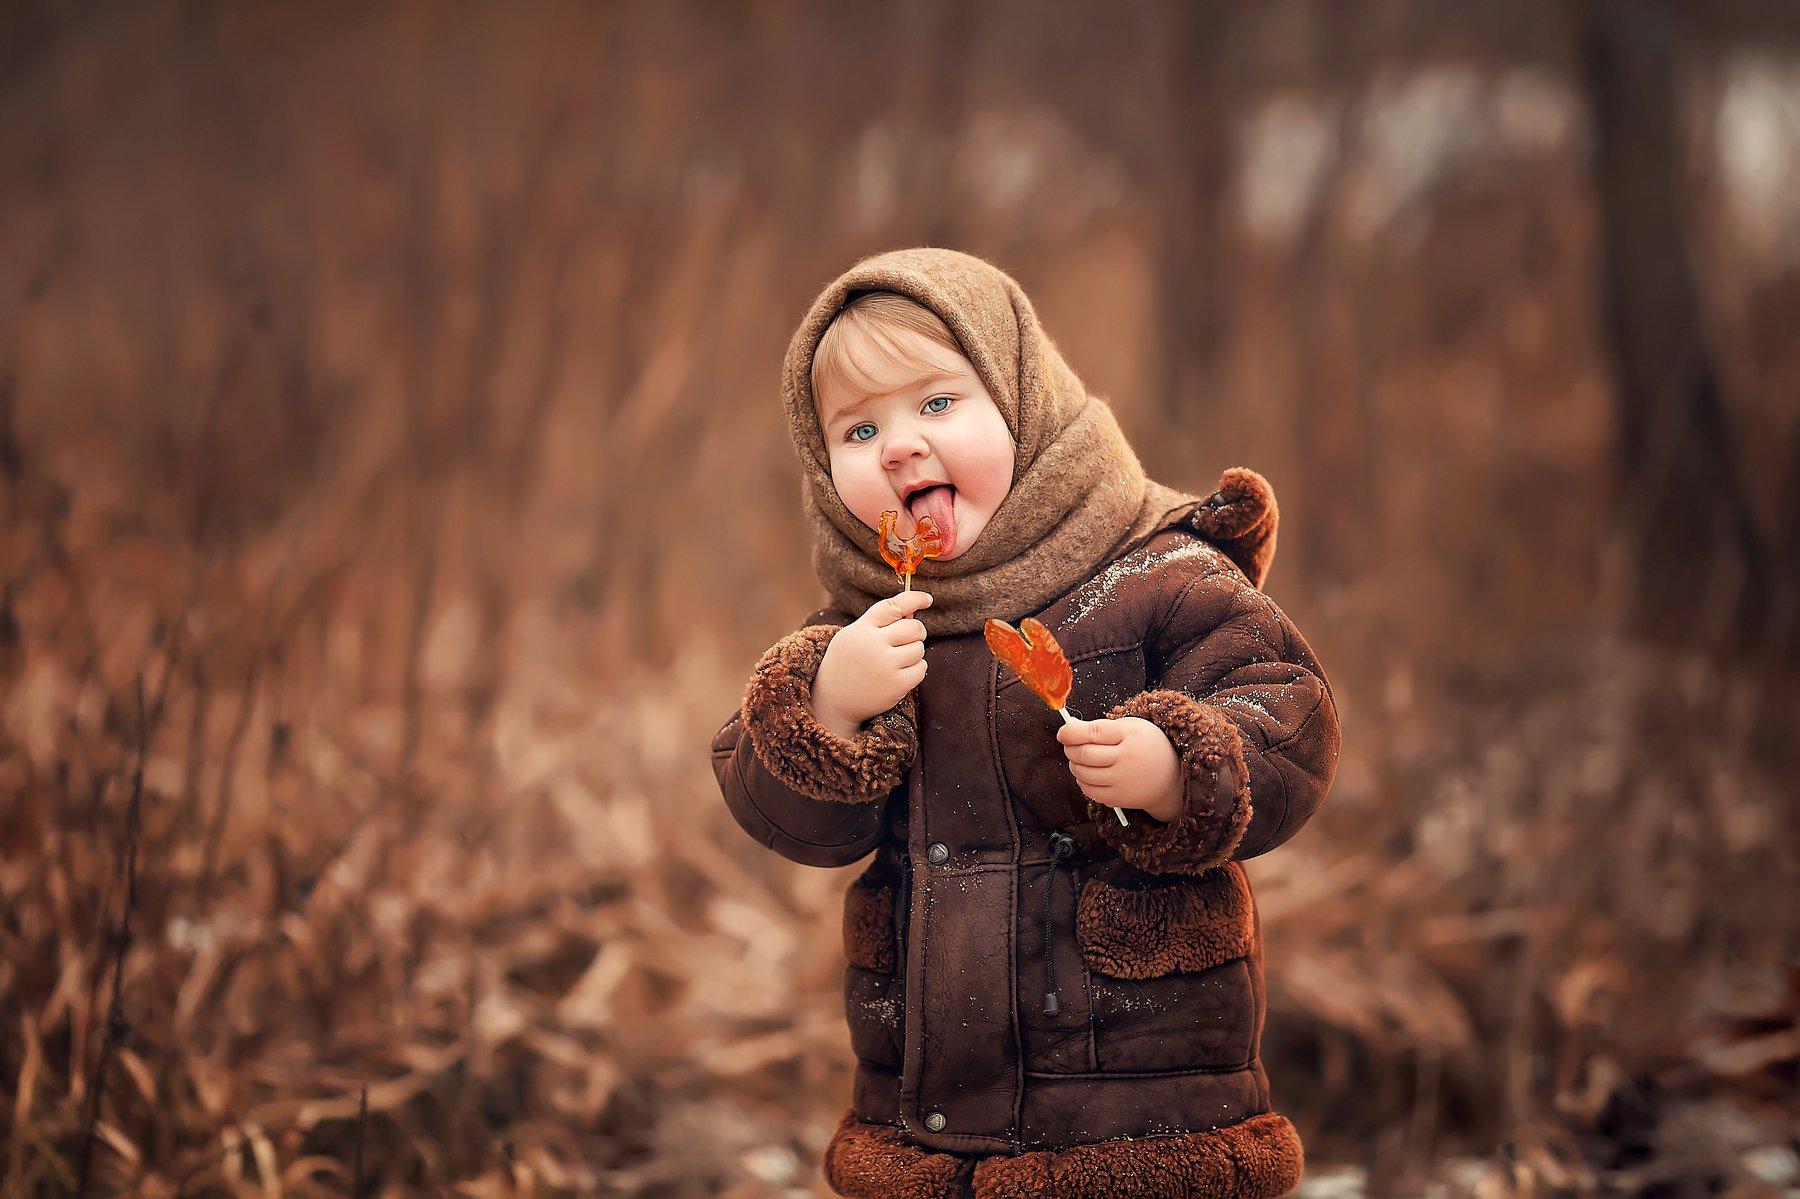 детский портрет, детская фотографий,  красавица, зима , русская красавица, советский ребенок, дети модели, ссср, Чупико Анастасия